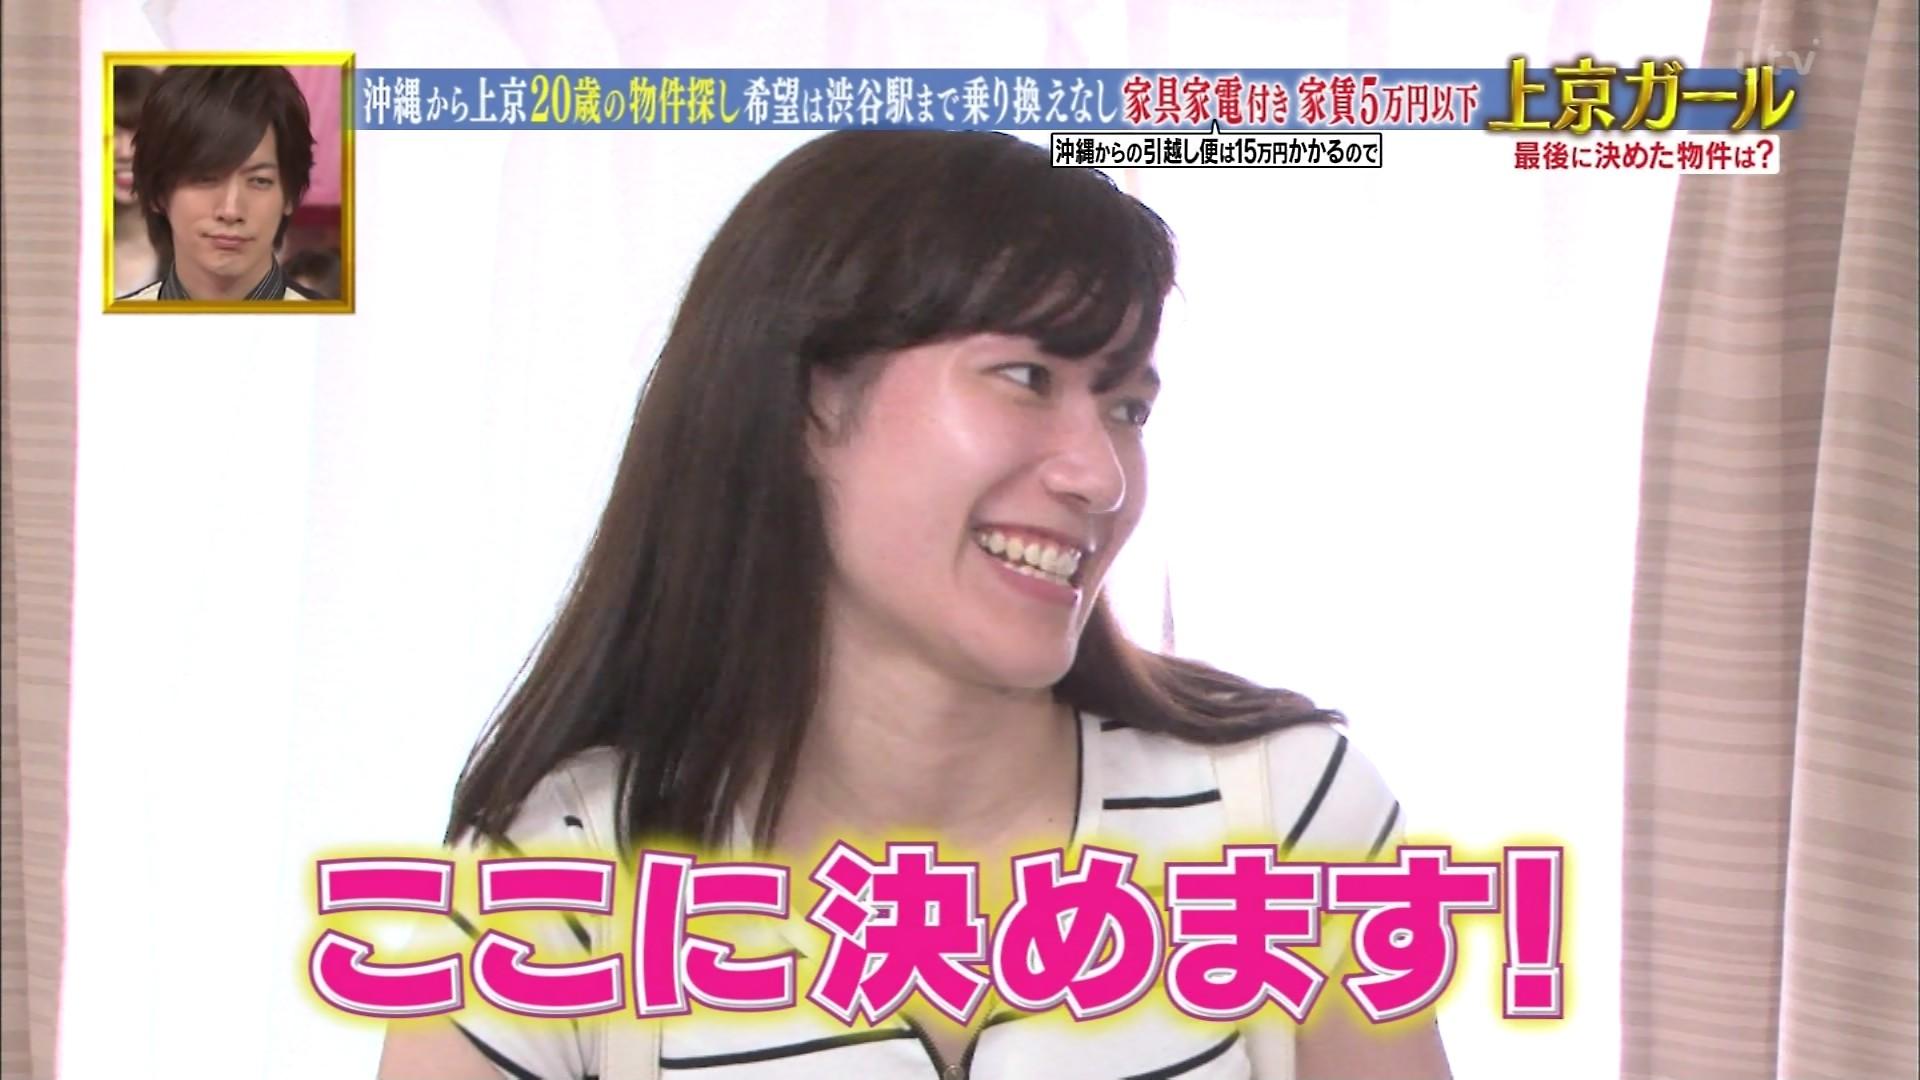 沖縄美女_パンチラ_放送事故_テレビキャプ画像_31